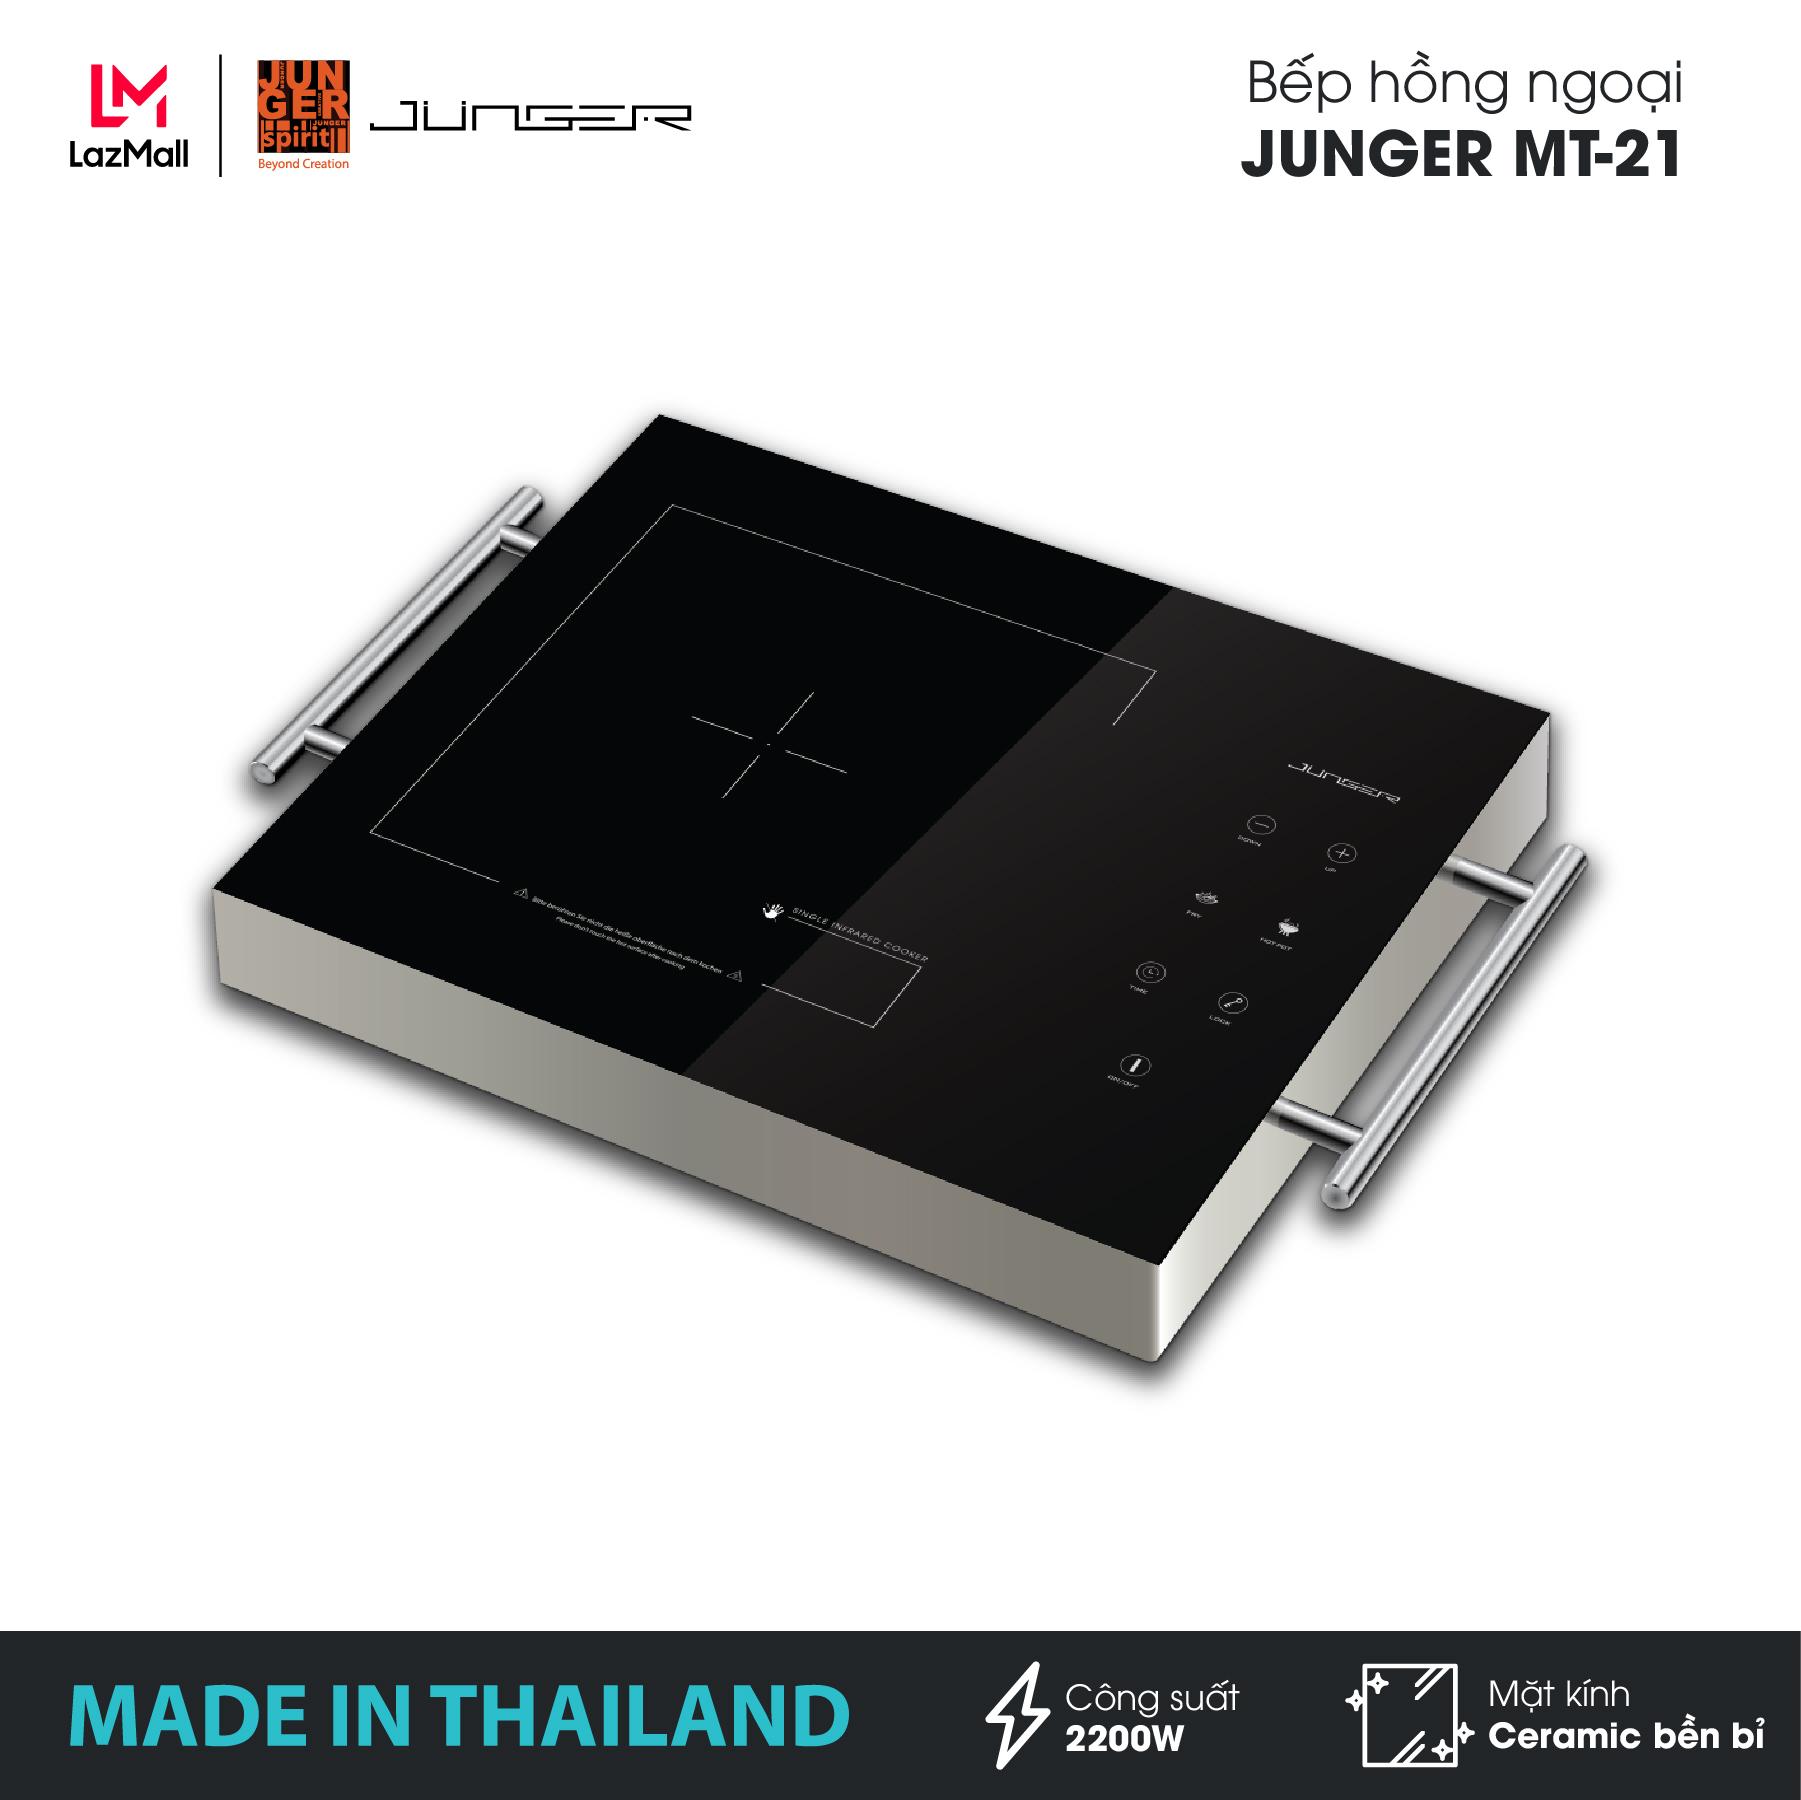 Bếp đơn hồng ngoại Junger MT-21 - Công suất 2200W - mặt kính Ceramic  - MADE IN THAILAND   Bảo hành chính hãng 12 tháng